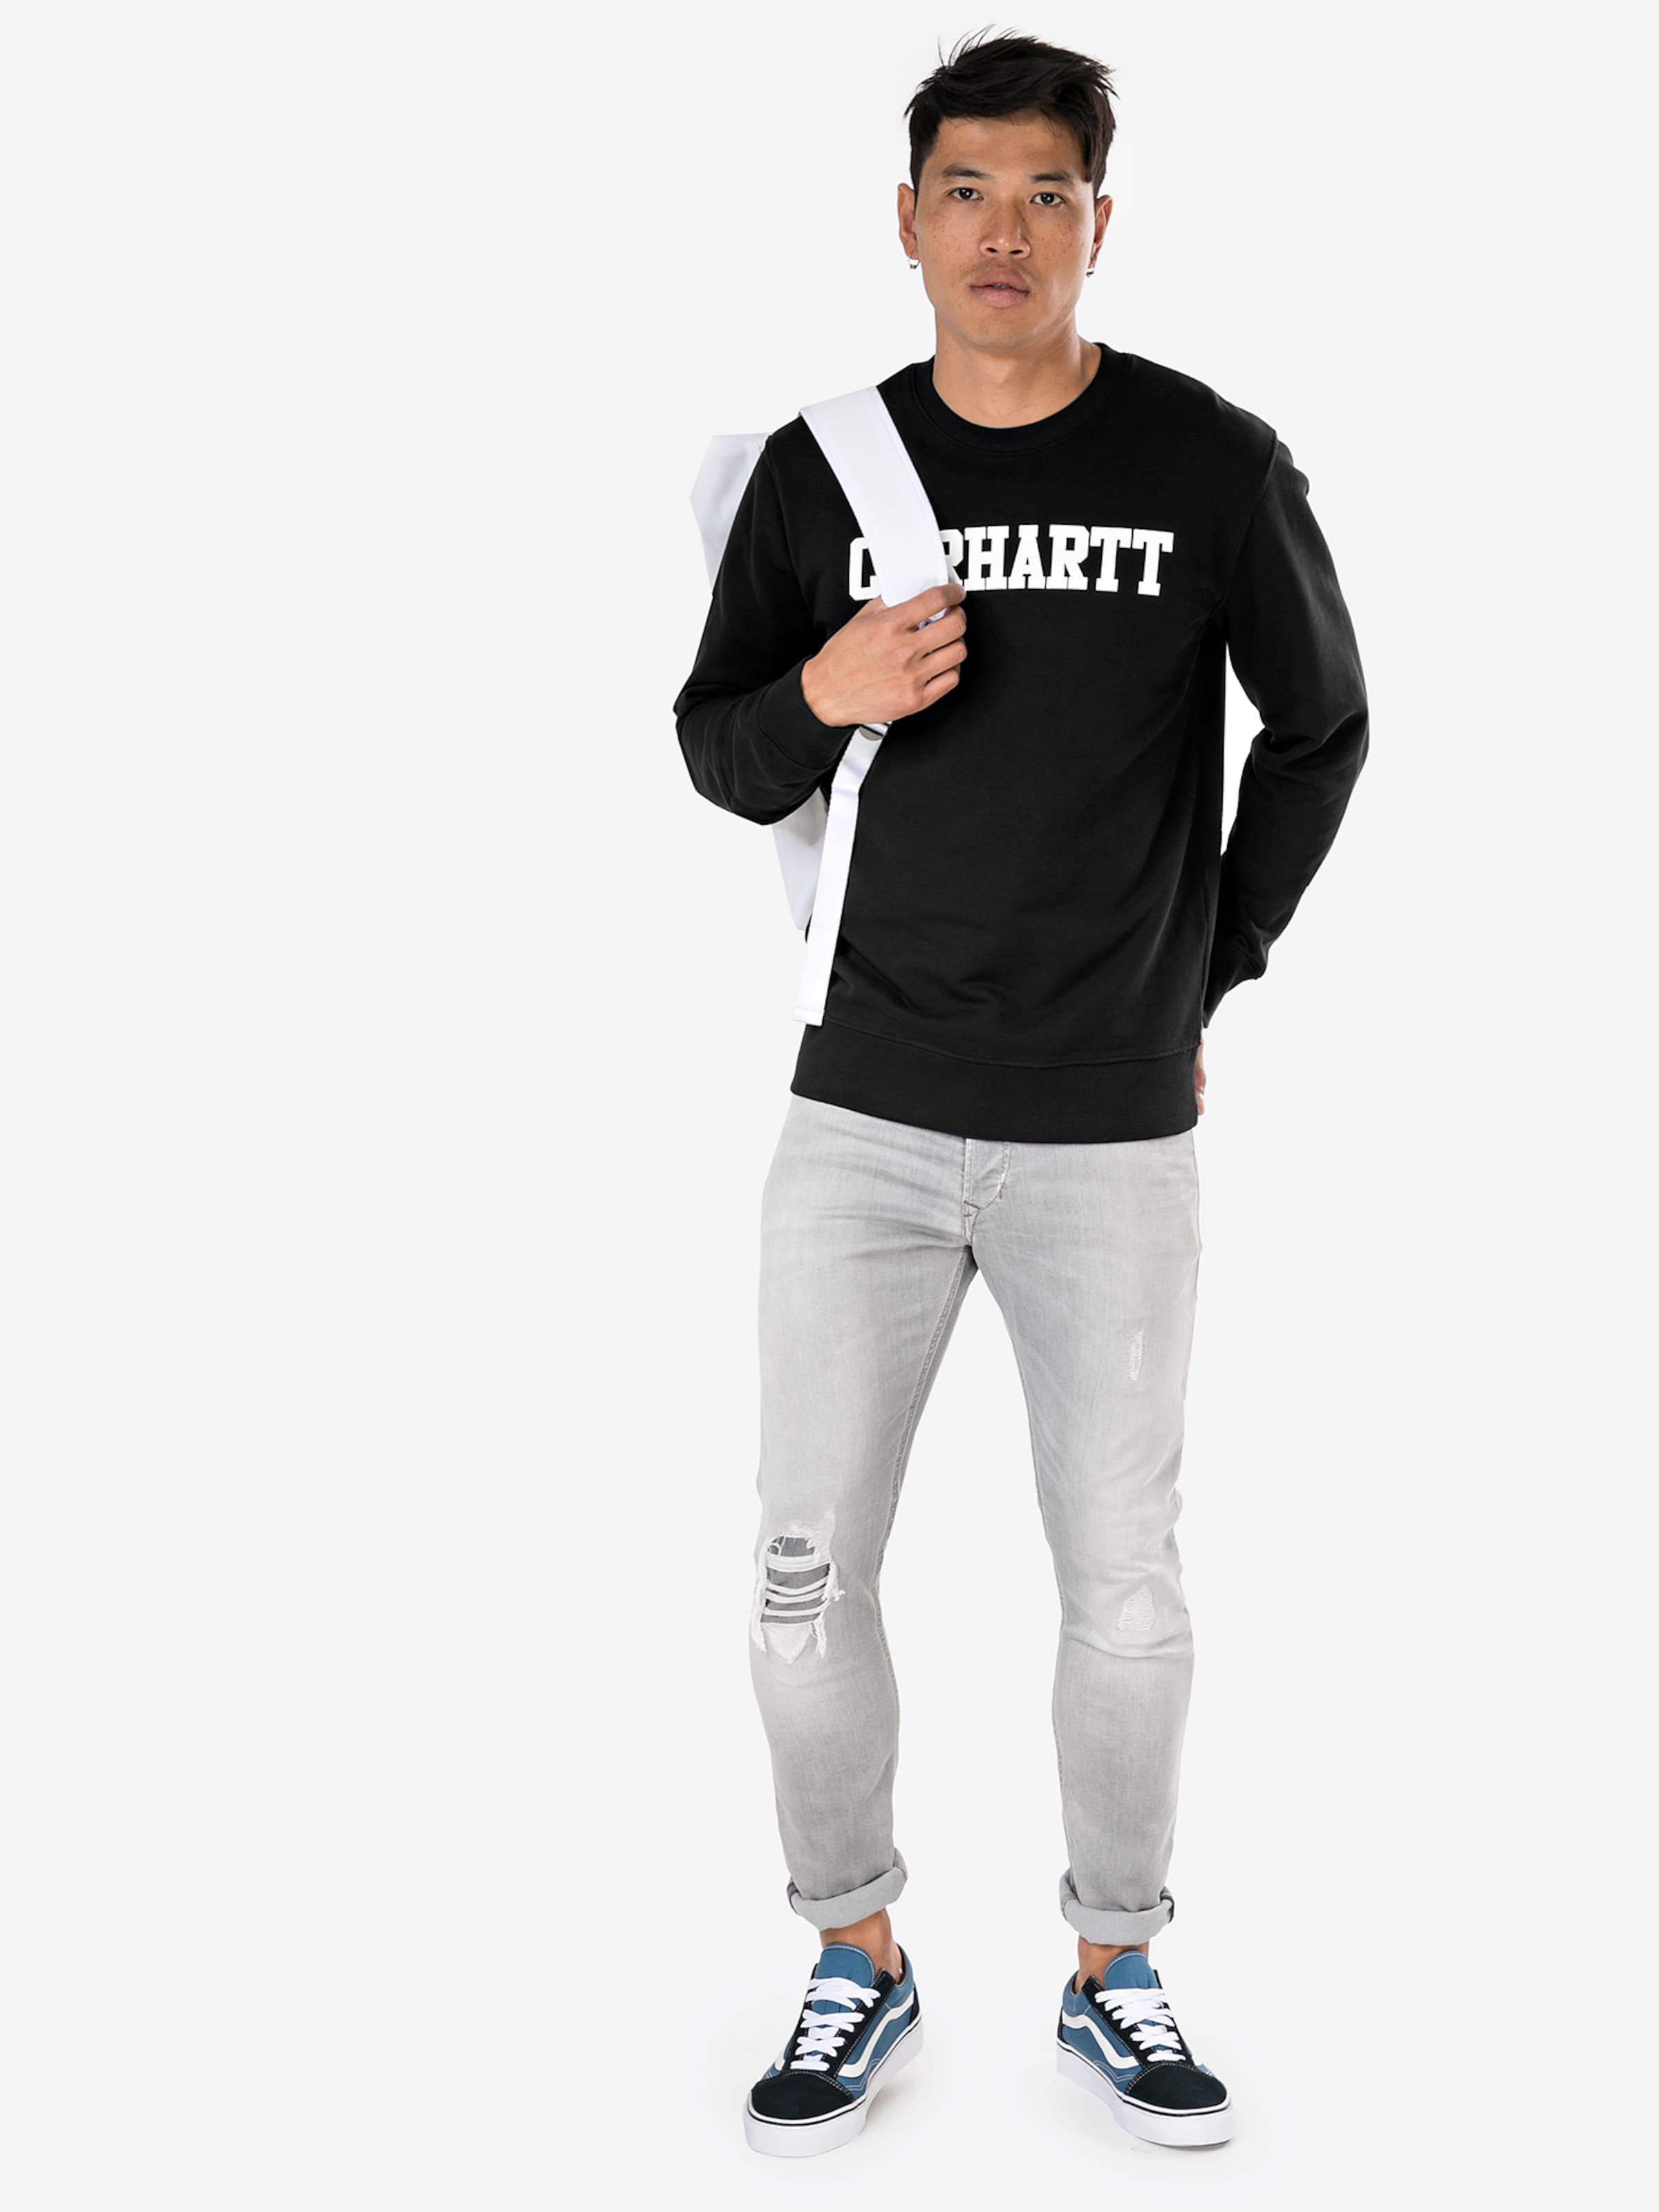 Sweatshirt SchwarzWeiß In Wip 'college' Carhartt OuTPXikZ